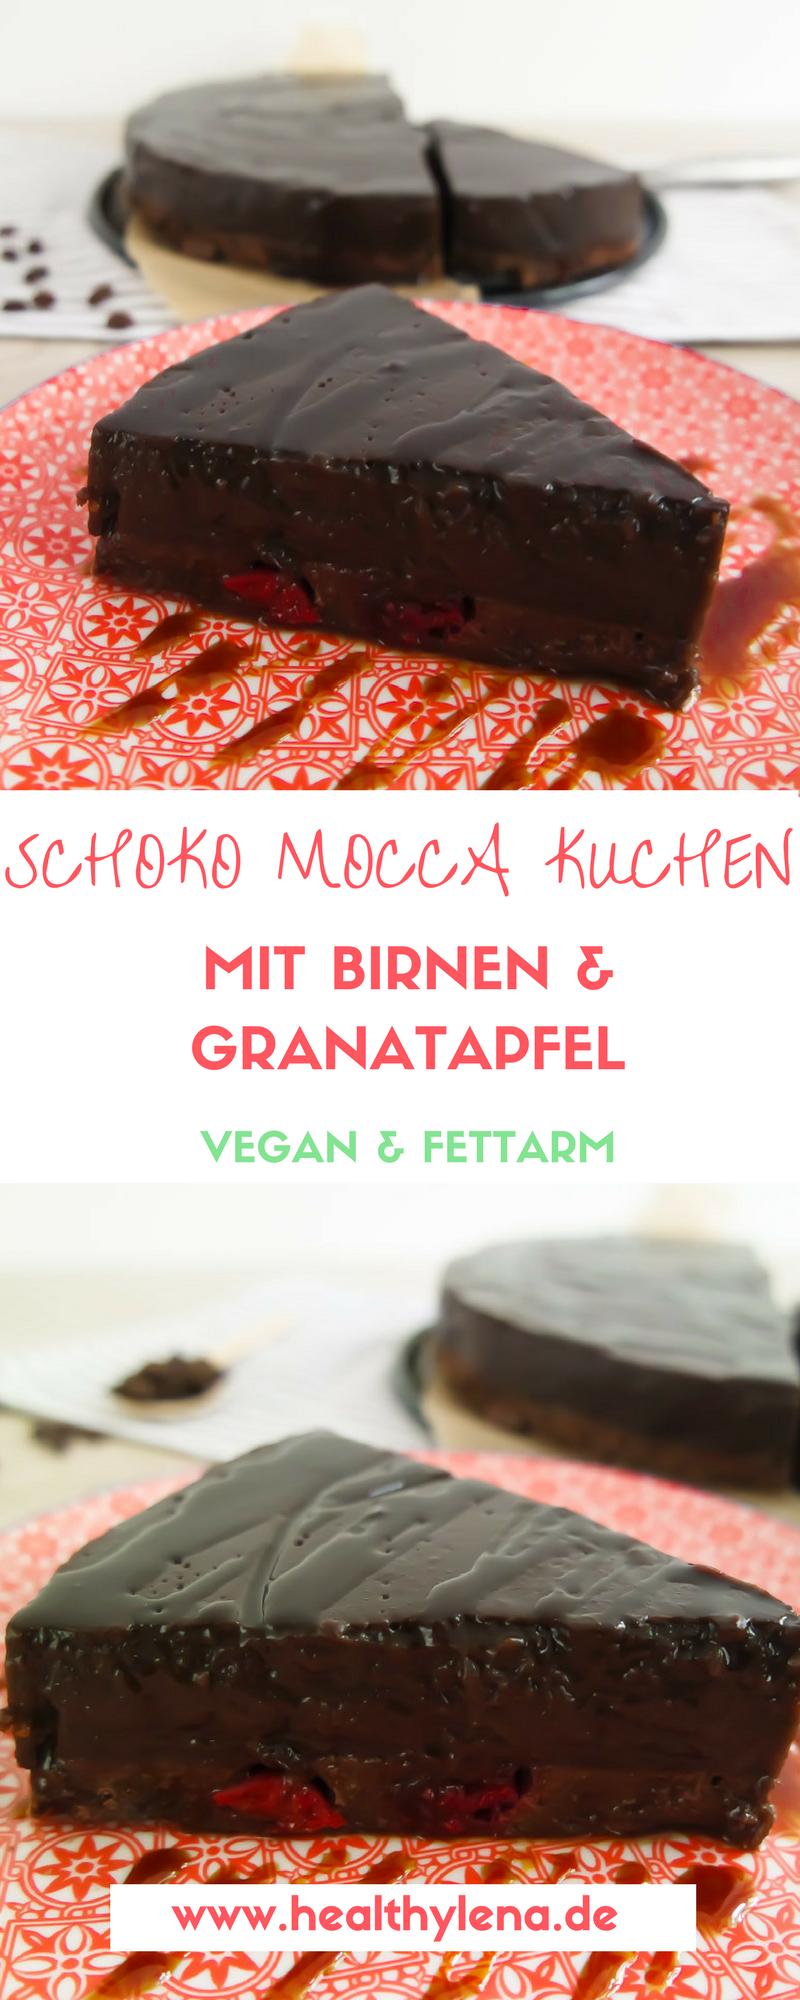 Schoko Mocca Kuchen Mit Birnen Vegan Fettarm Blogger